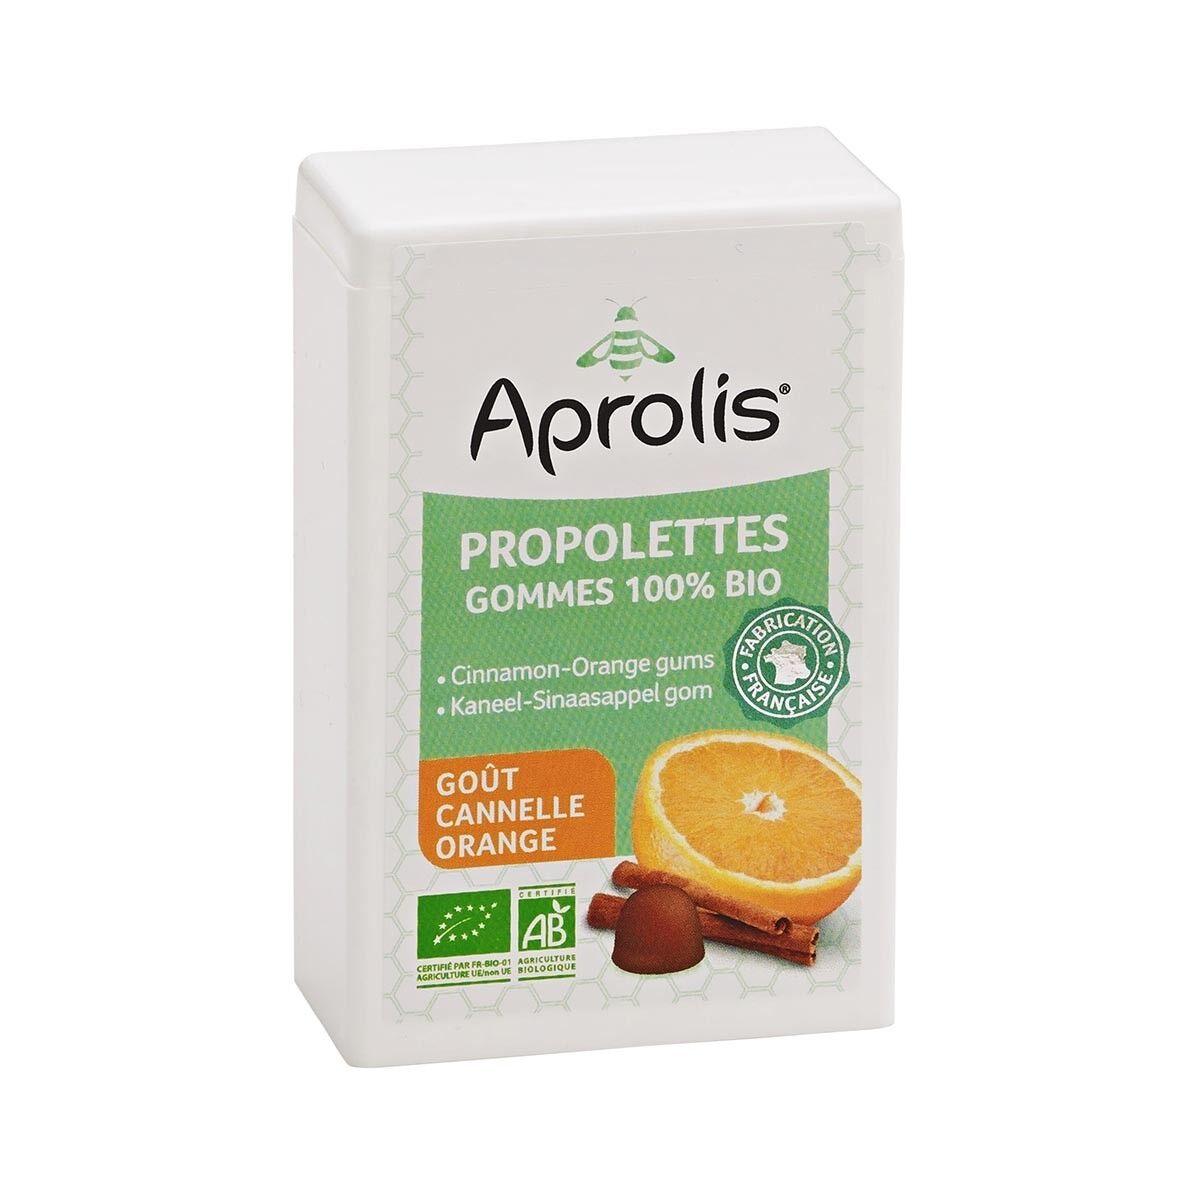 APROLIS Propolettes Cannelle-Orange 50g Bio - Aprolis